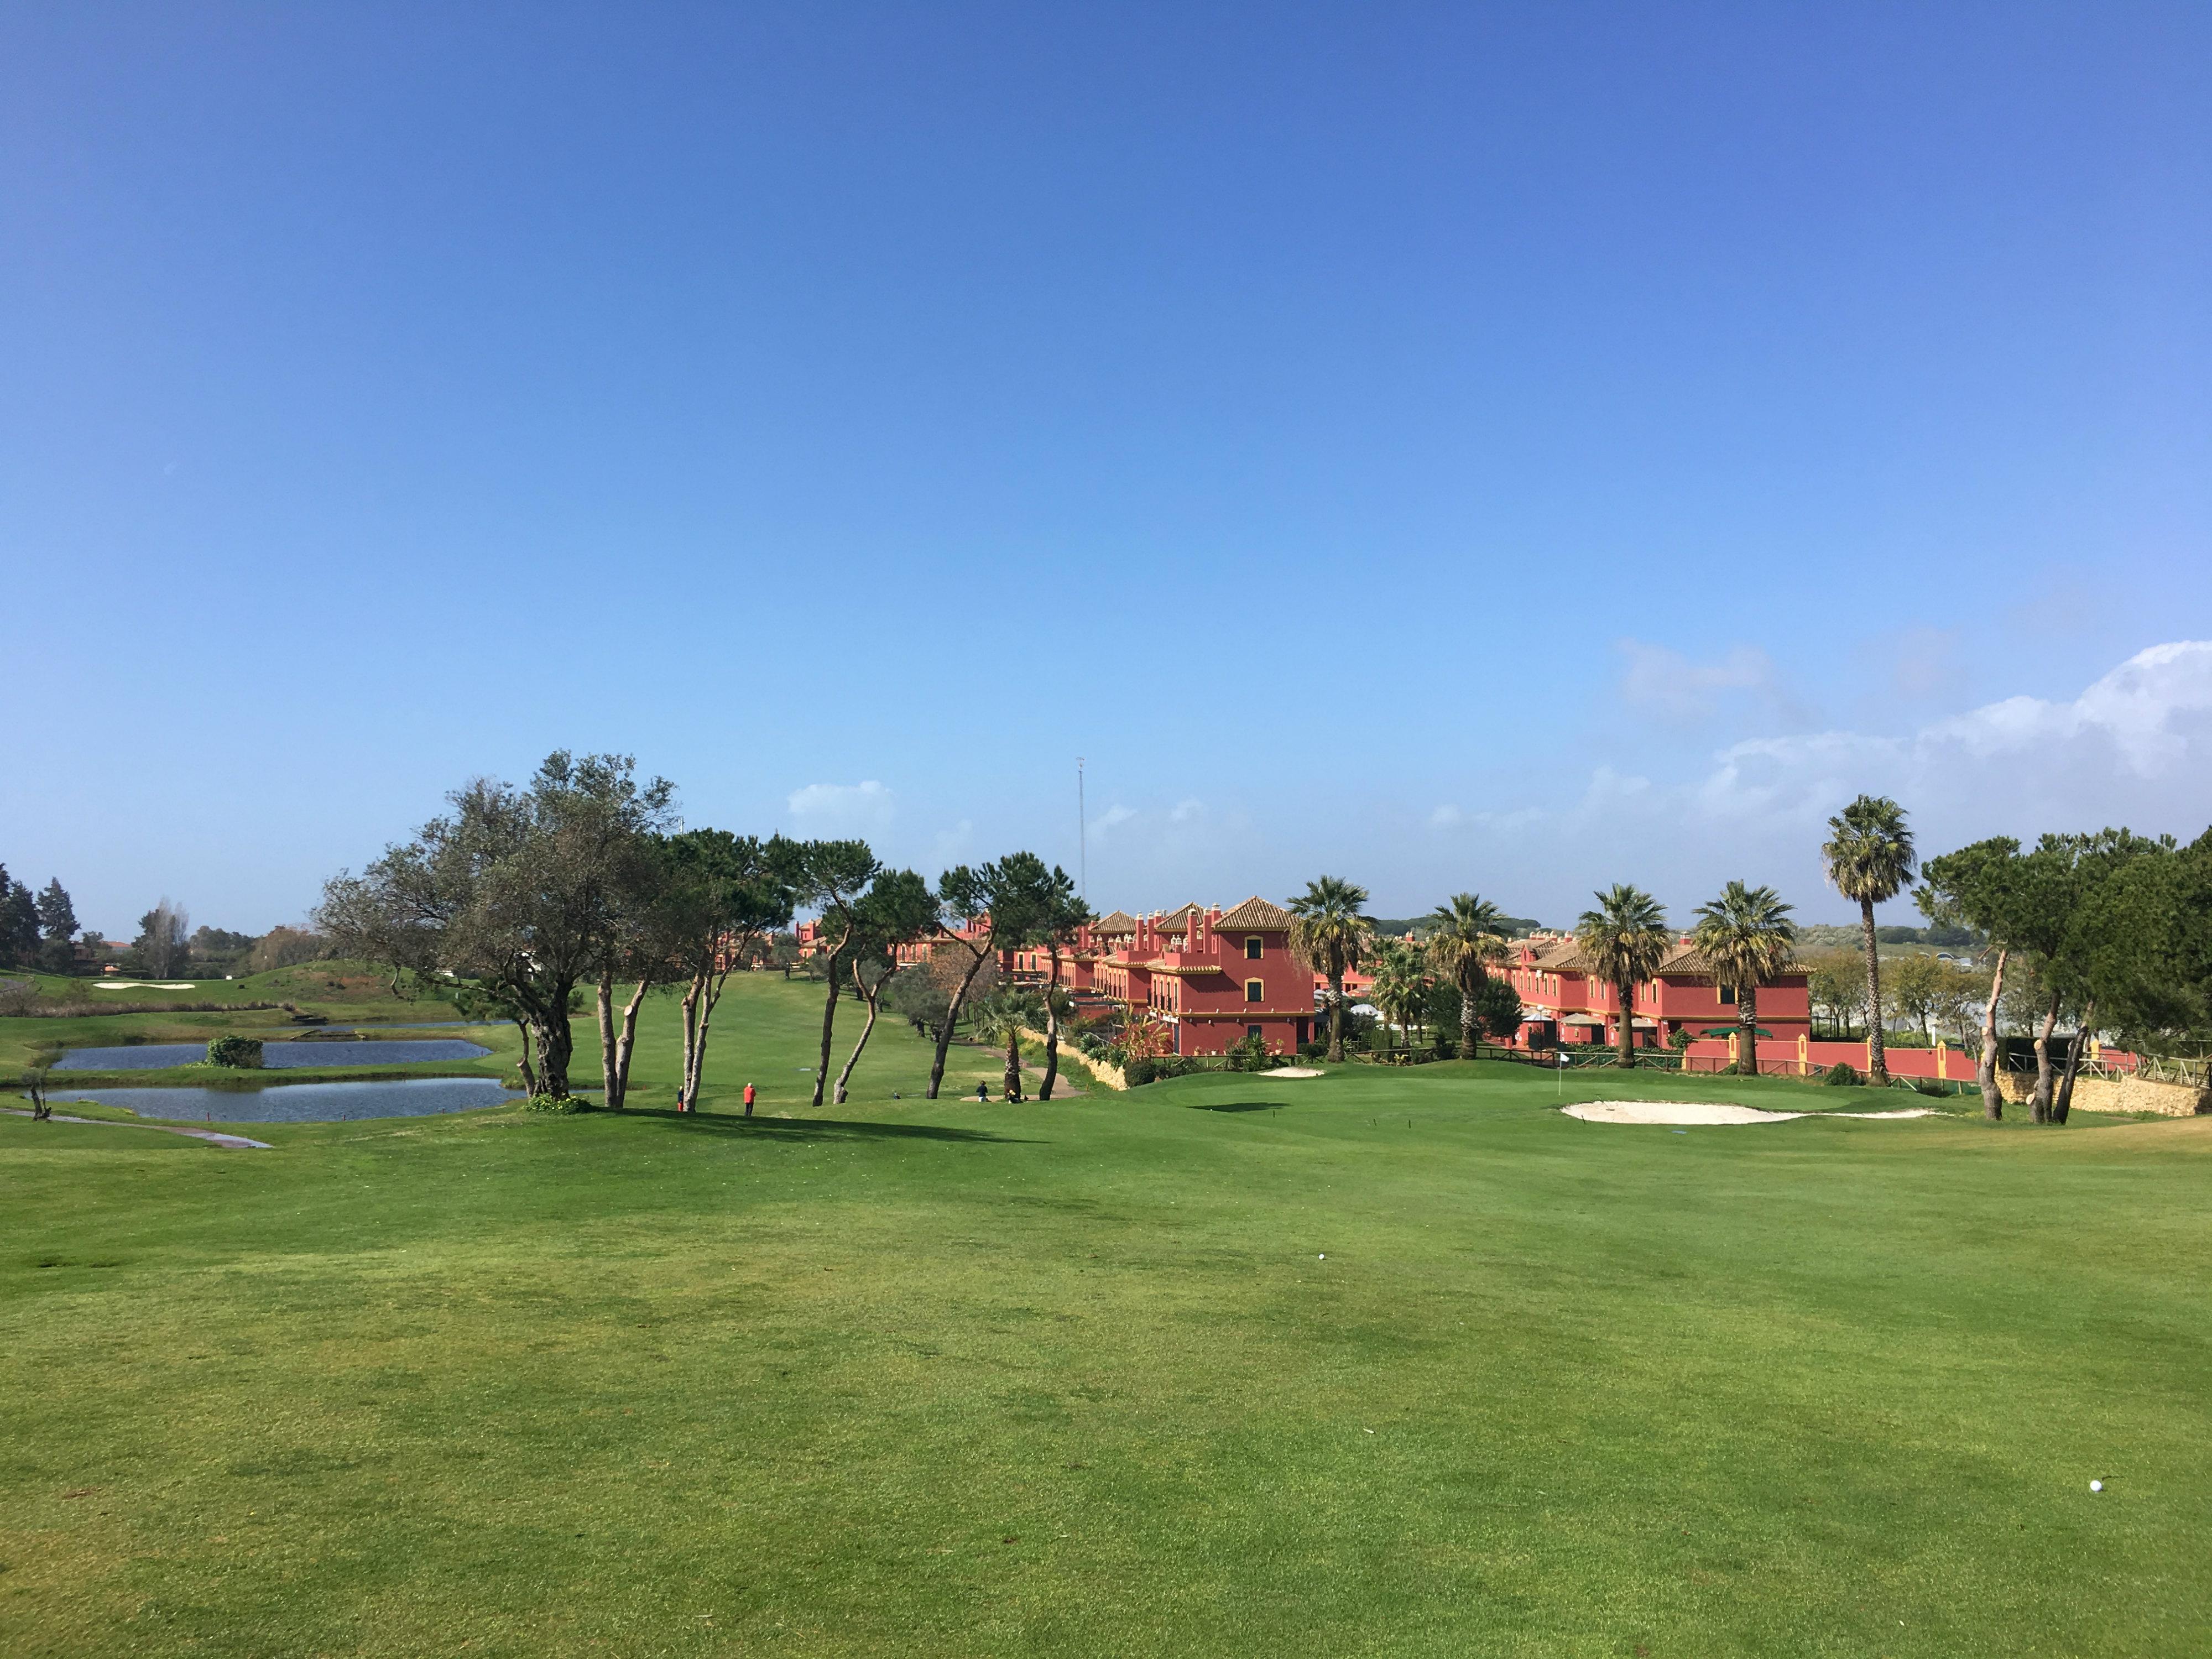 Ausblick auf den Golfplatz des Islantilla Golf Resorts in Spanien. (Foto: Steffen Bents)